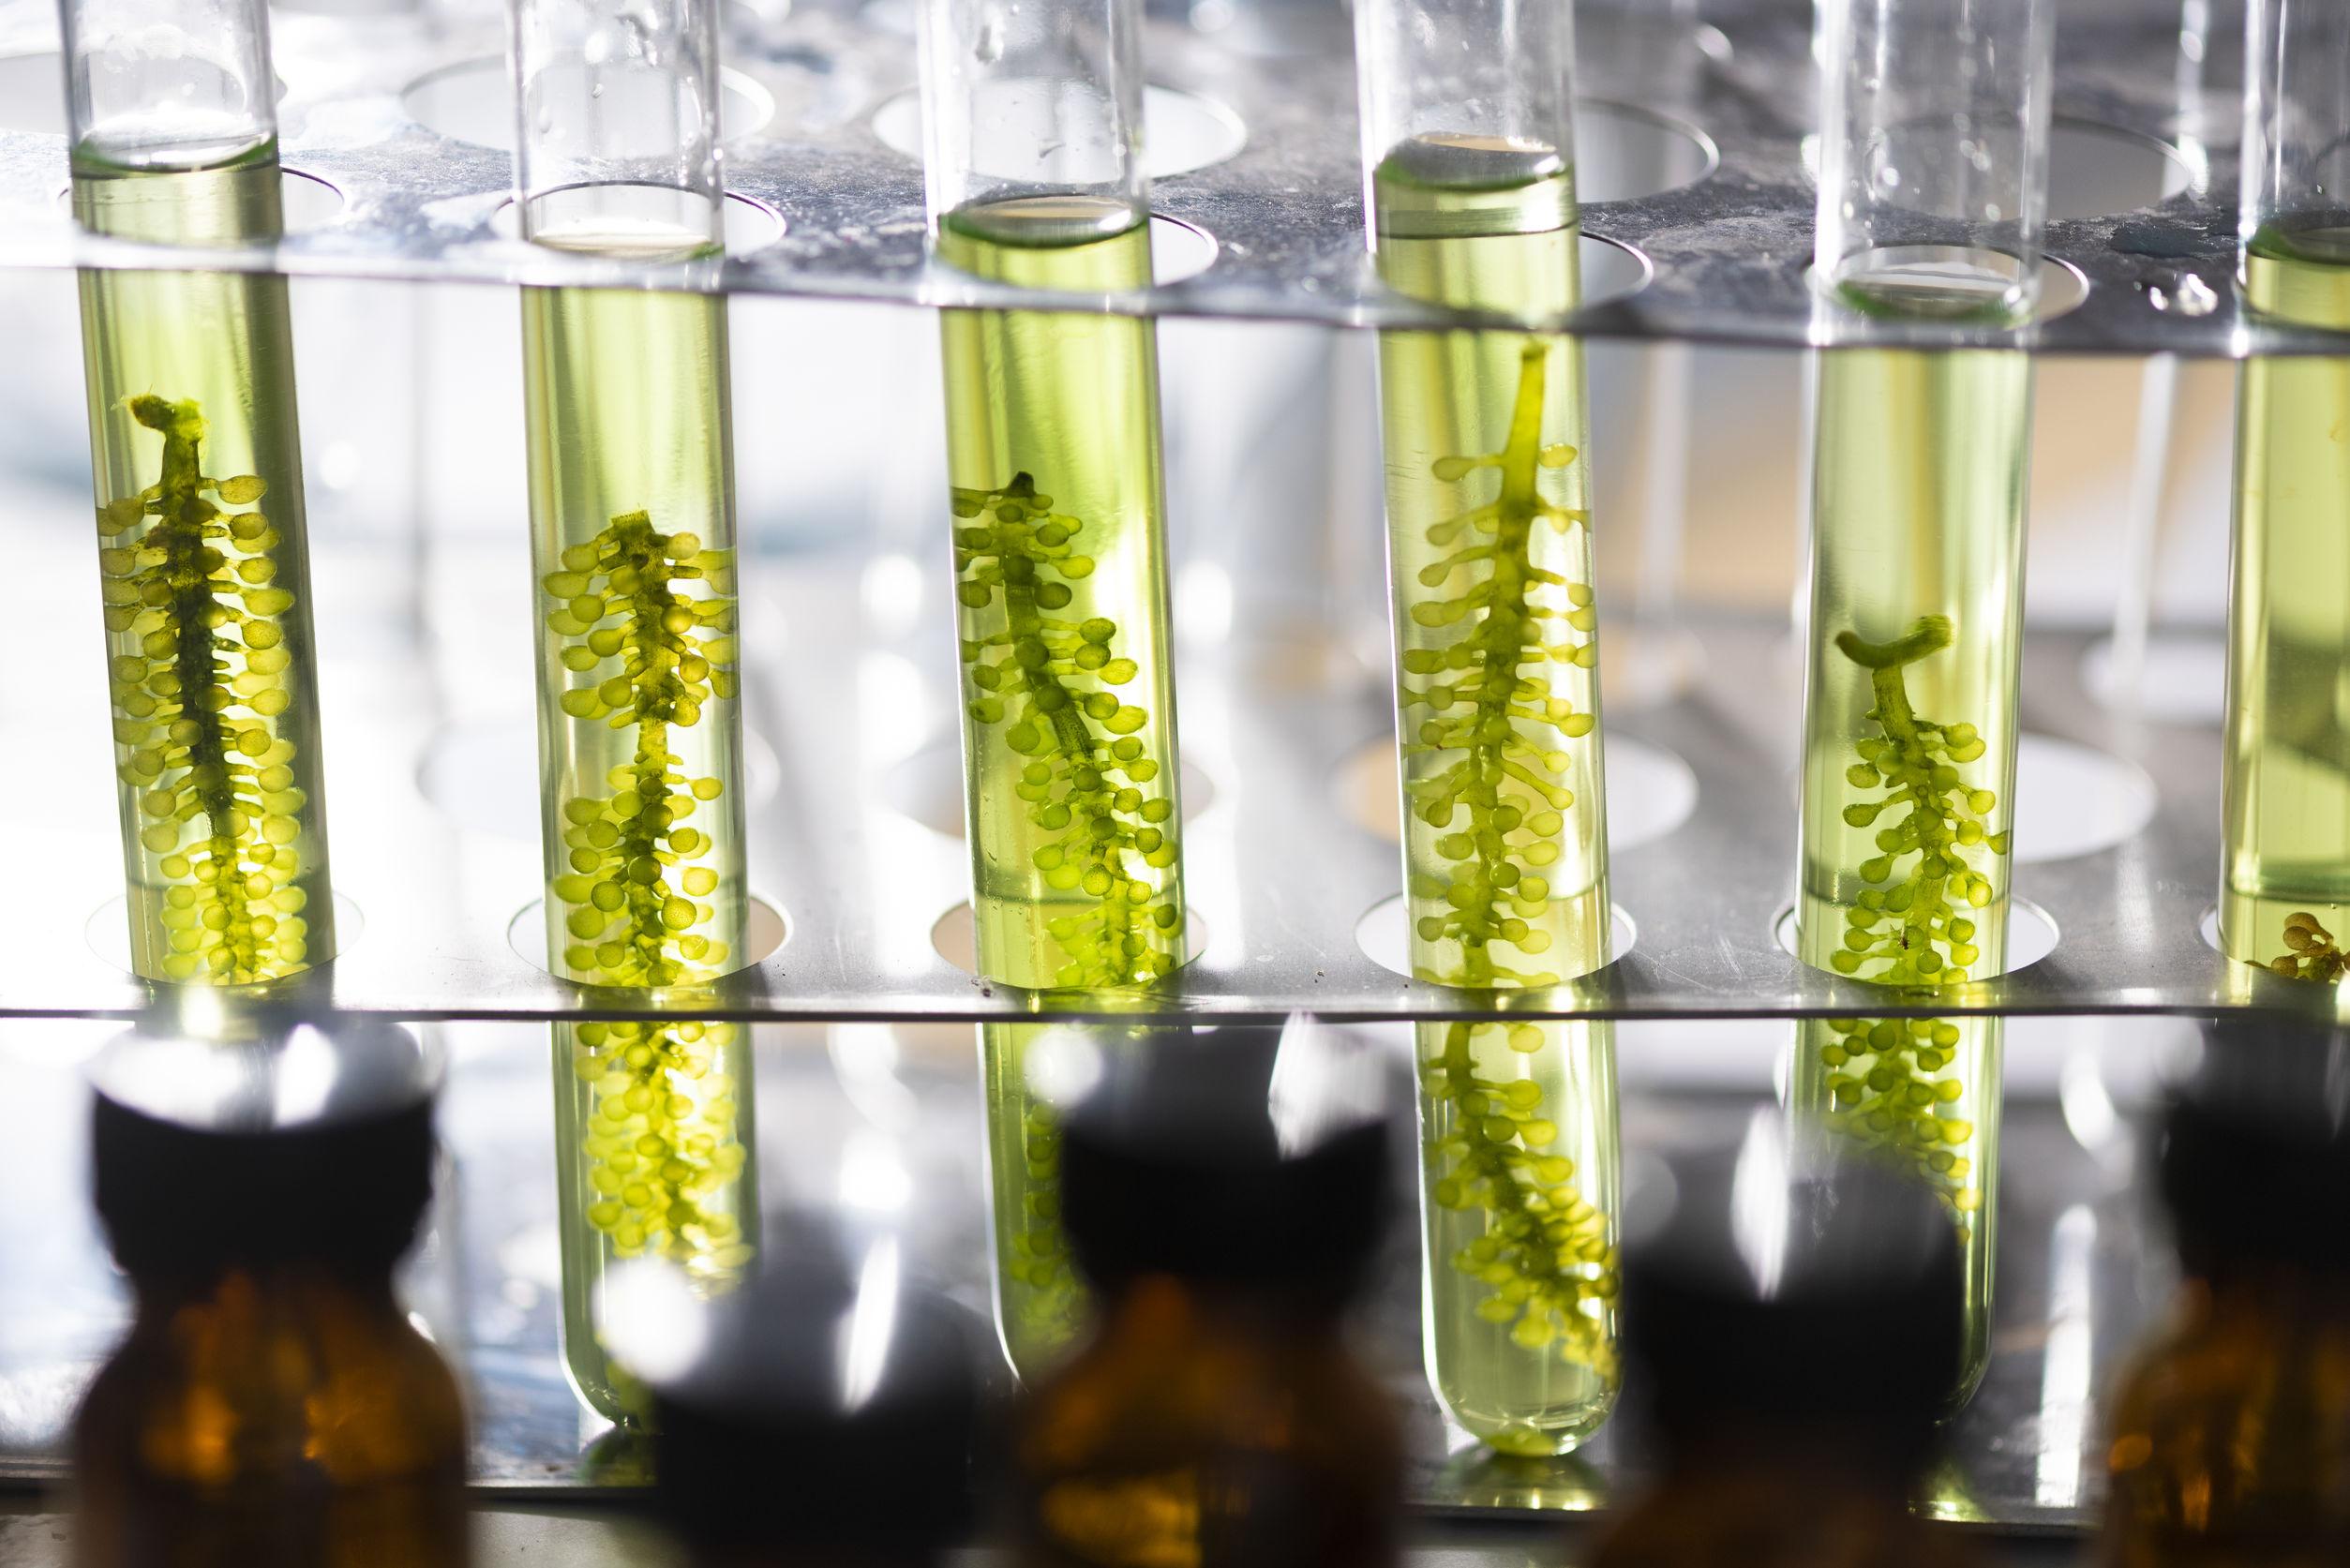 Photobioreactor in lab algae fuel biofuel industry